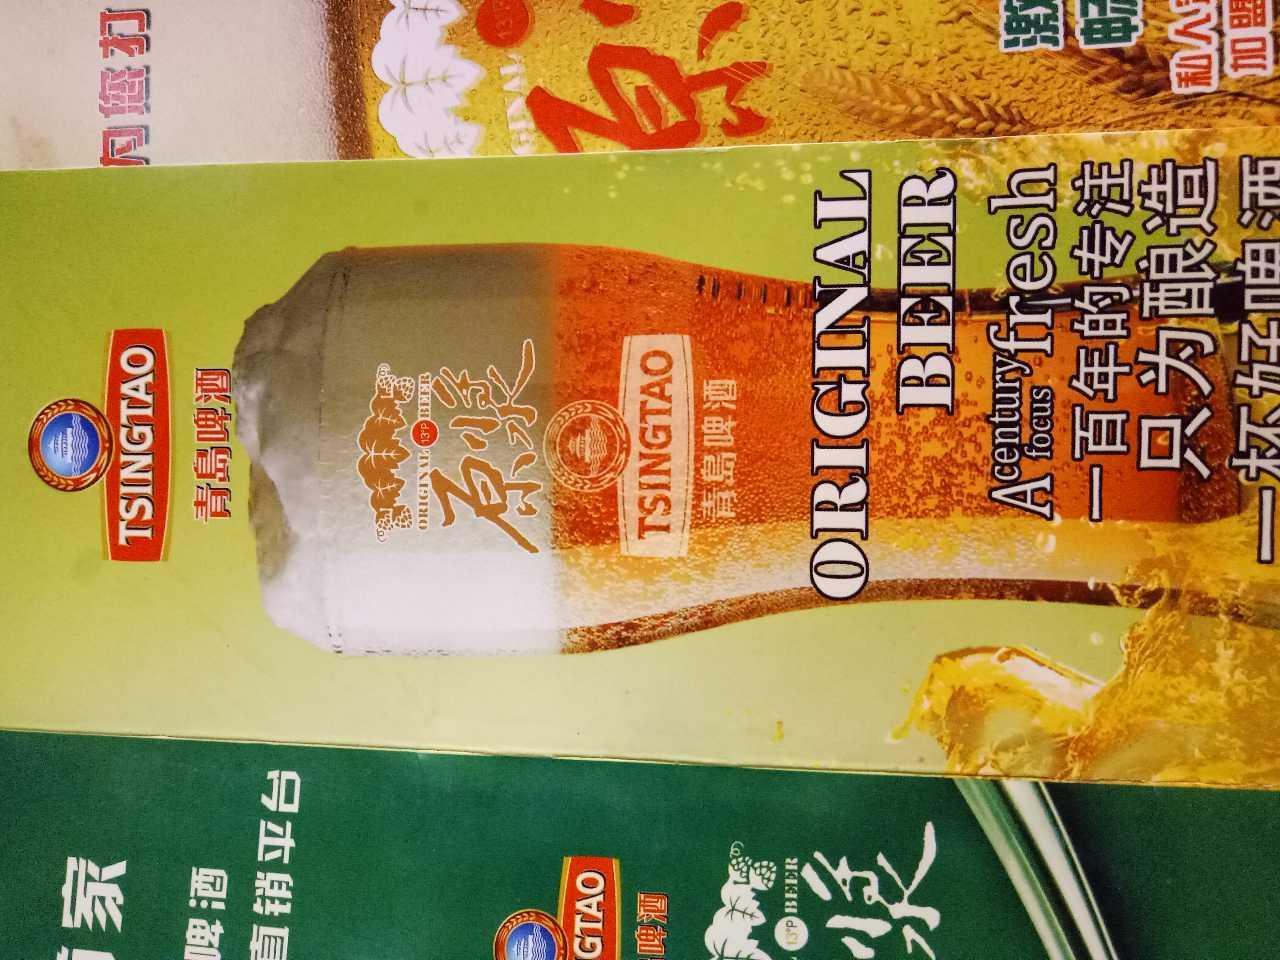 来自韩燕萍发布的供应信息:青岛原浆啤酒!营养,鲜活,香浓,味醇!... - 内蒙古青啤商贸有限公司呼和浩特市分公司